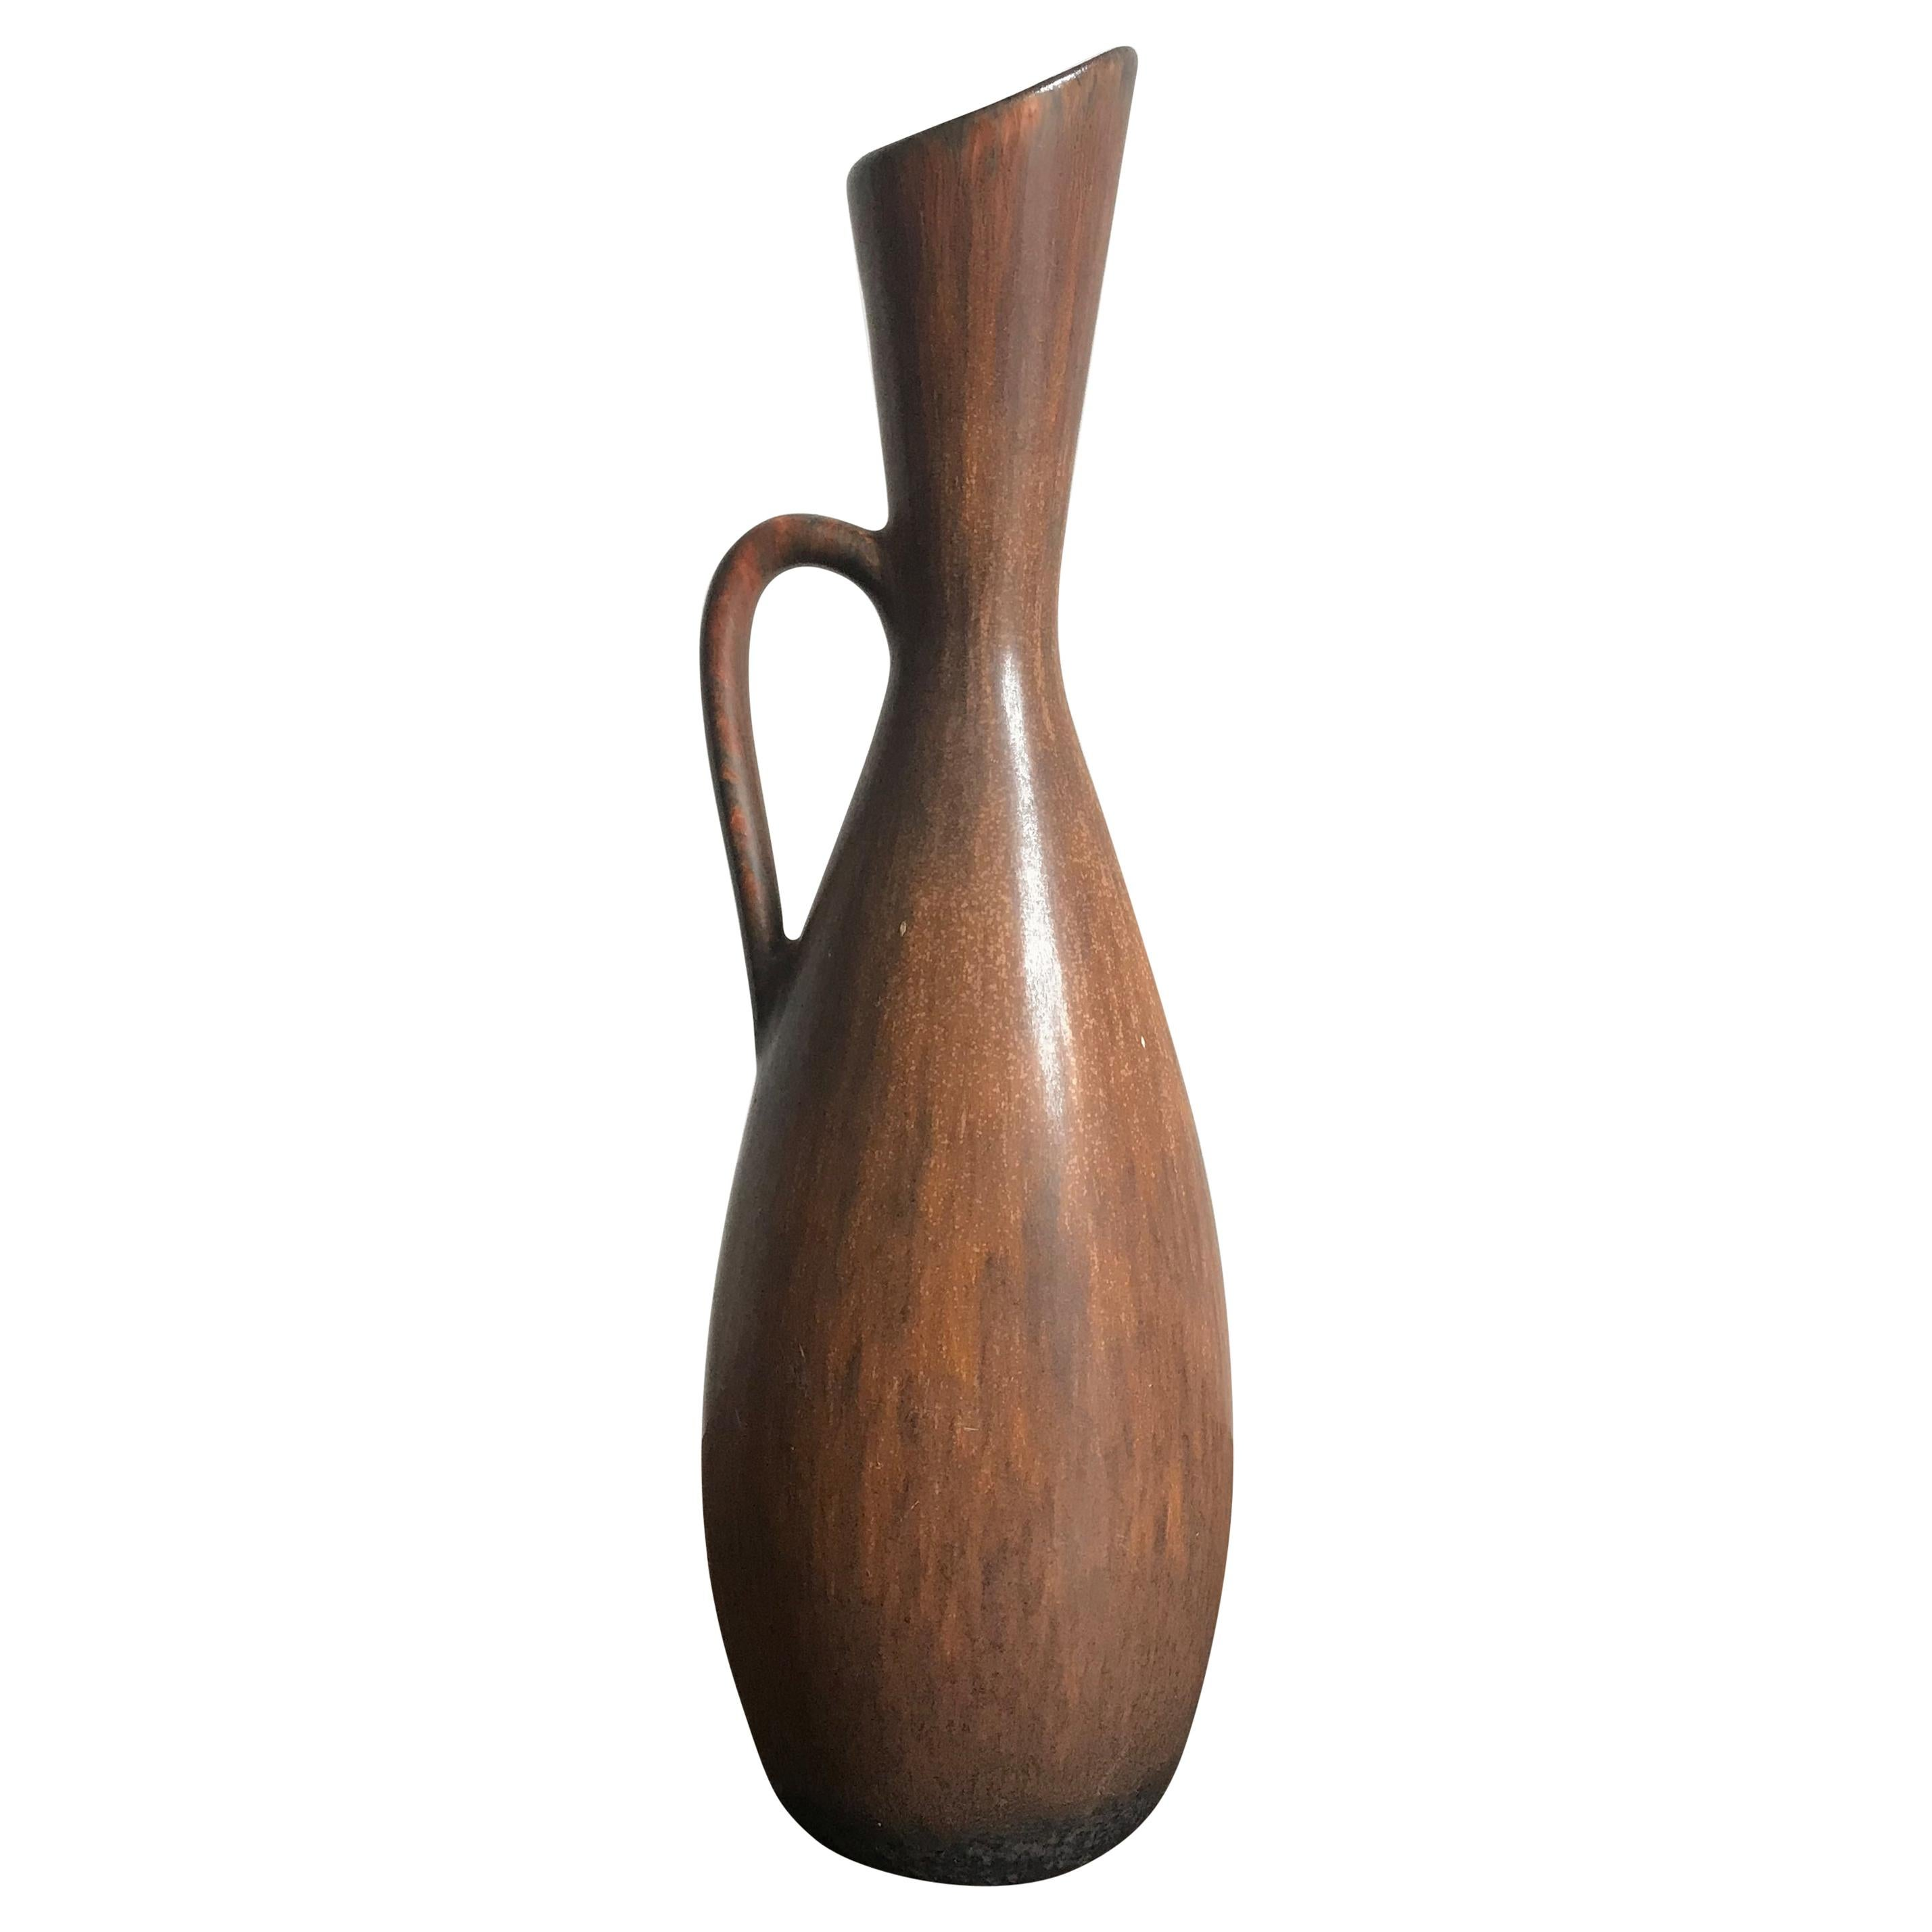 Gunnar Nylund for Rörstrand Scandinavian Pottery Ceramic Vase, 1950